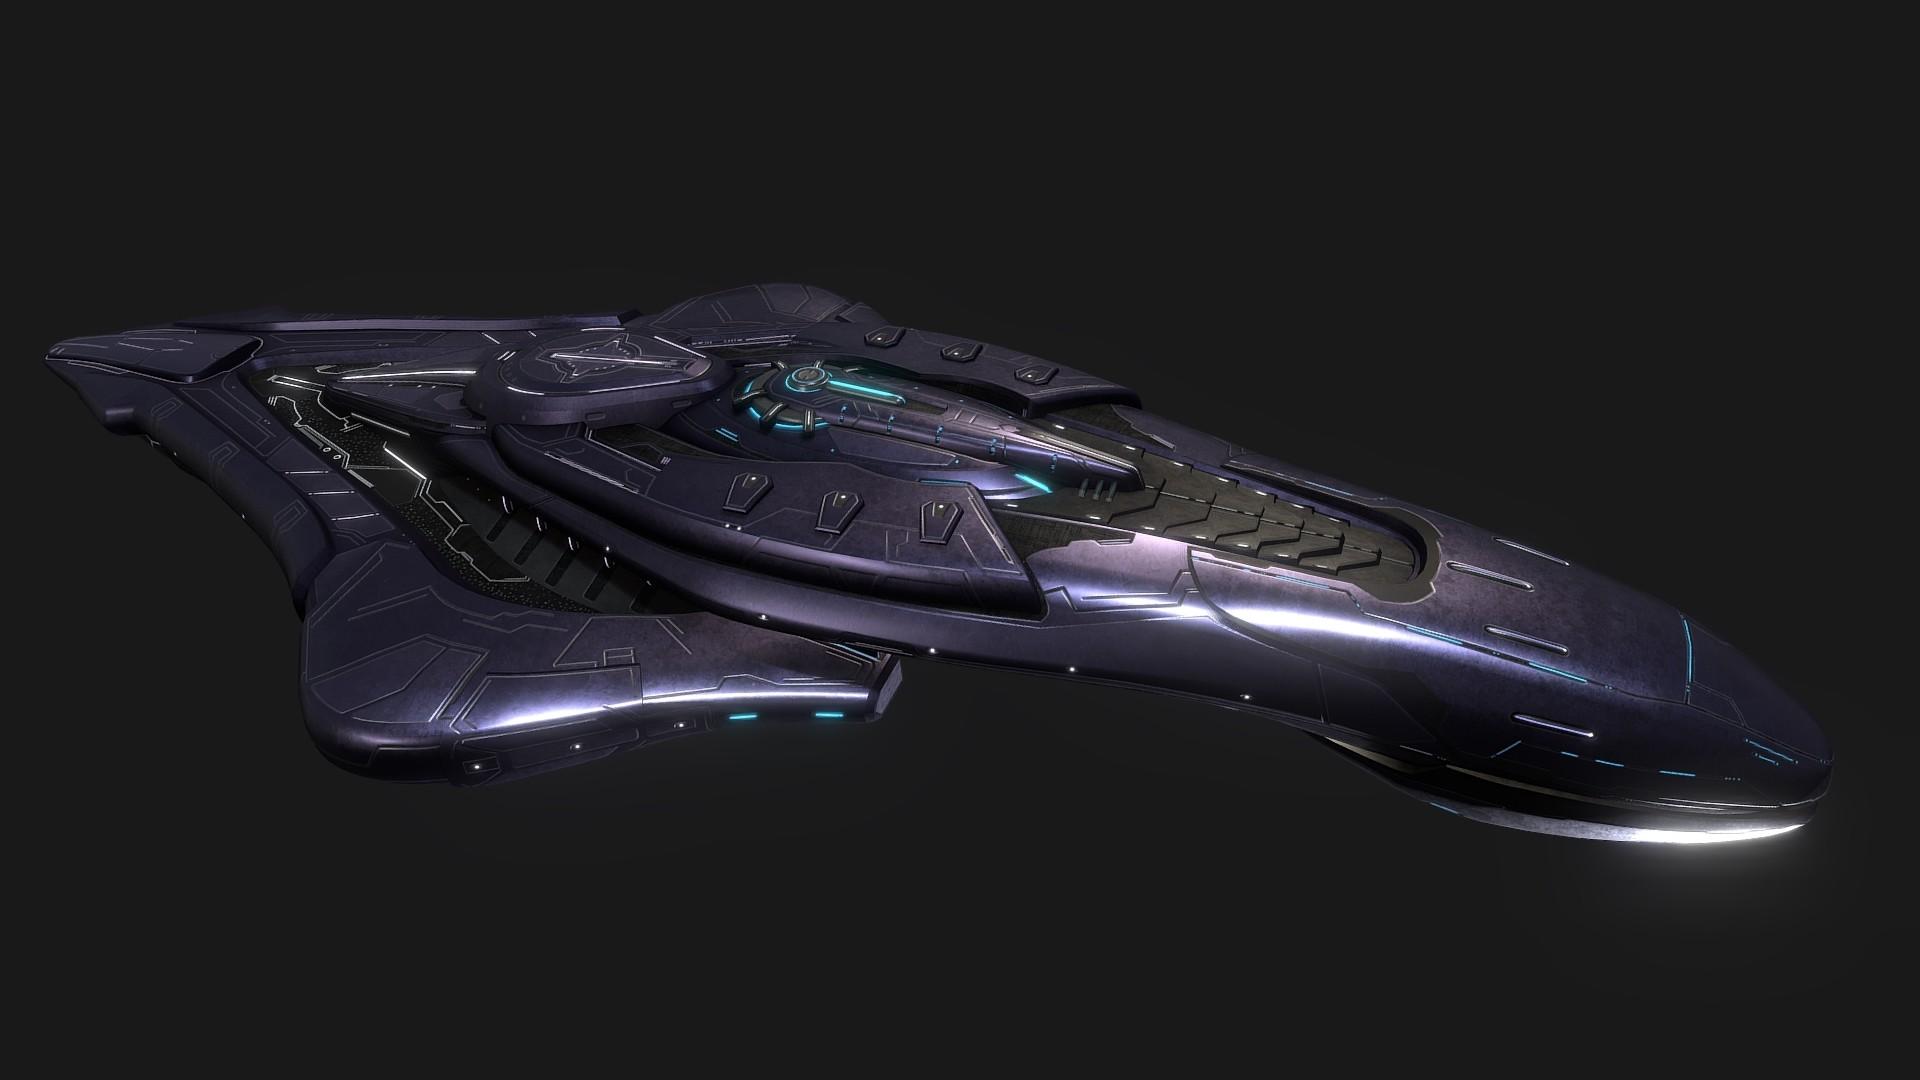 Relentless-class Heavy Cruiser